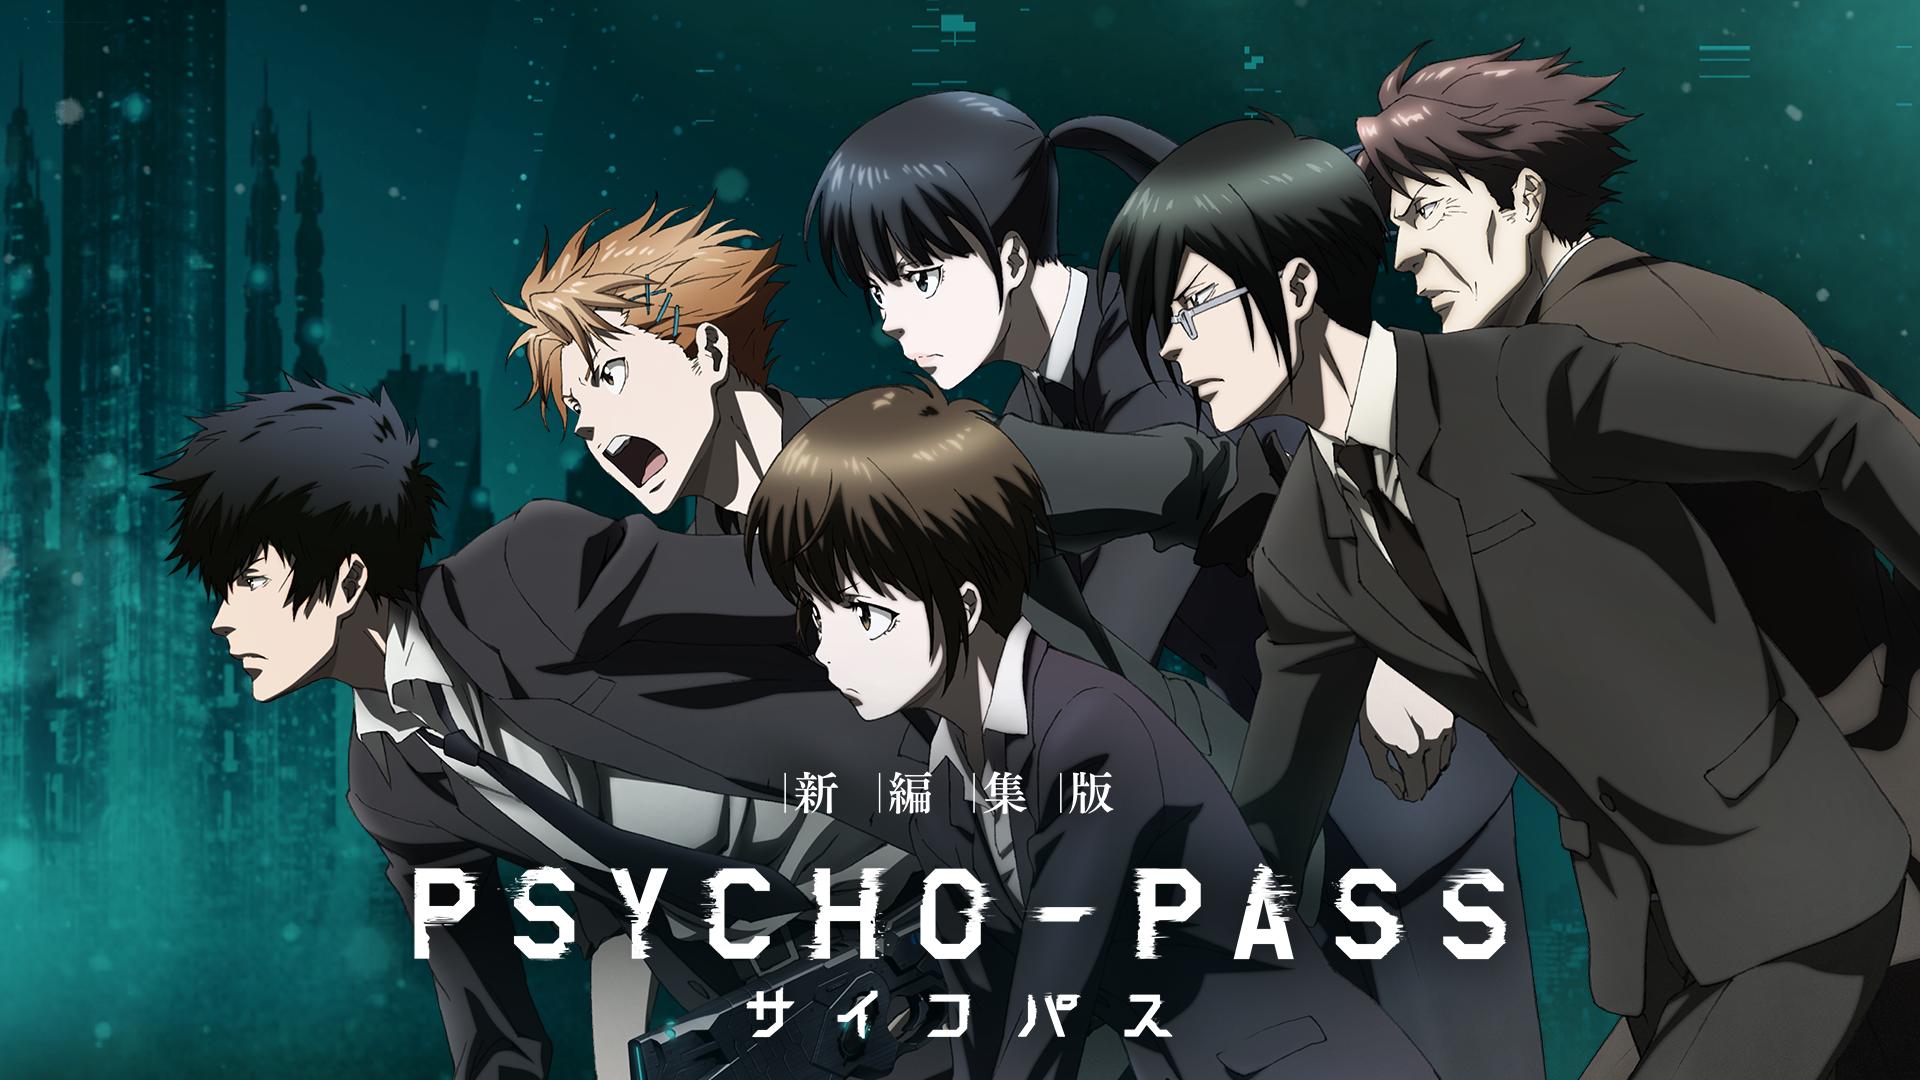 アニメ『PSYCHO-PASSサイコパス』無料動画まとめ!1話から最終回を見逃しフル視聴できるサイトは?